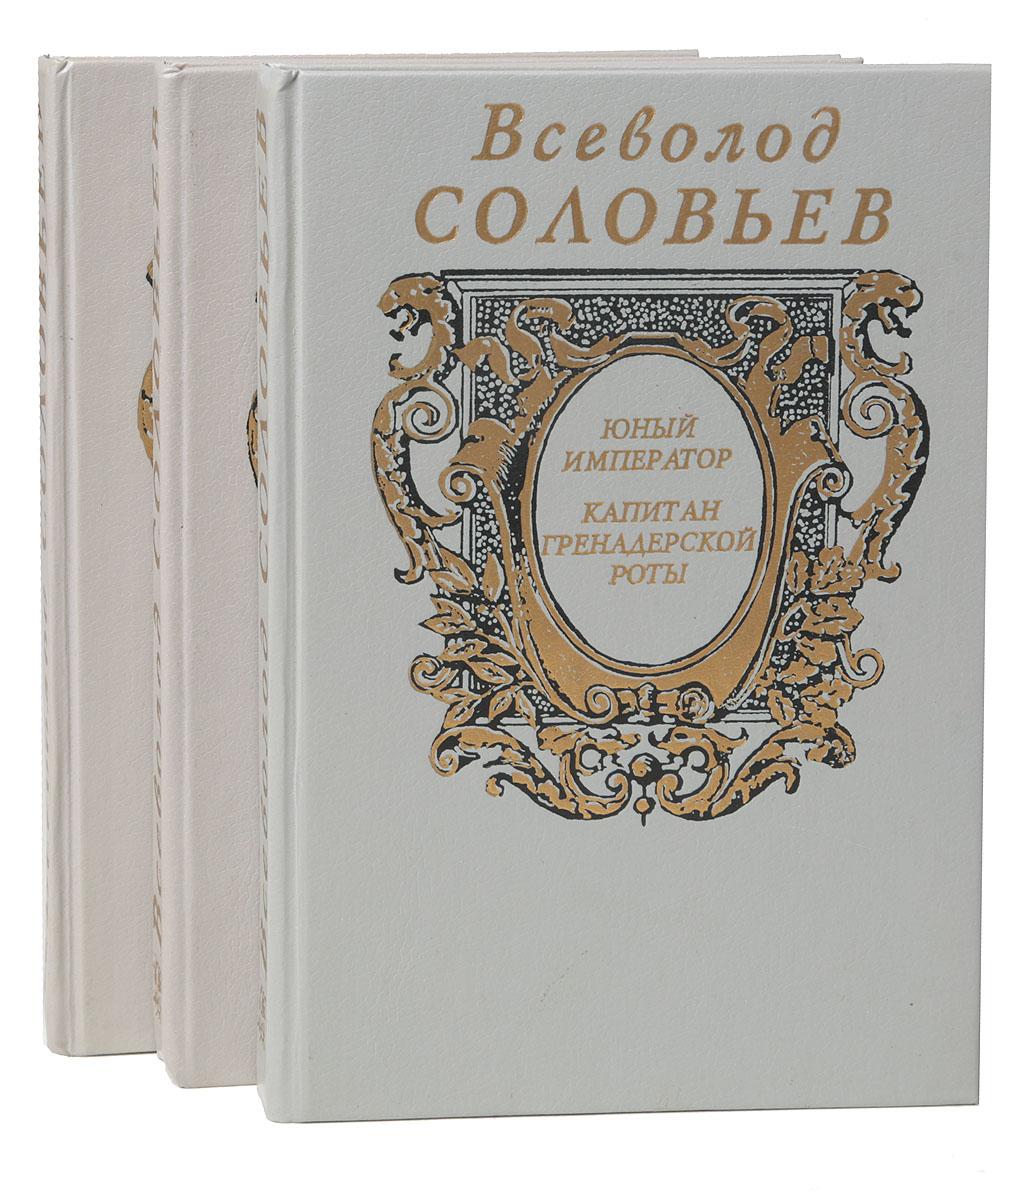 Всеволод Соловьев. Исторические романы (комплект из 3 книг)